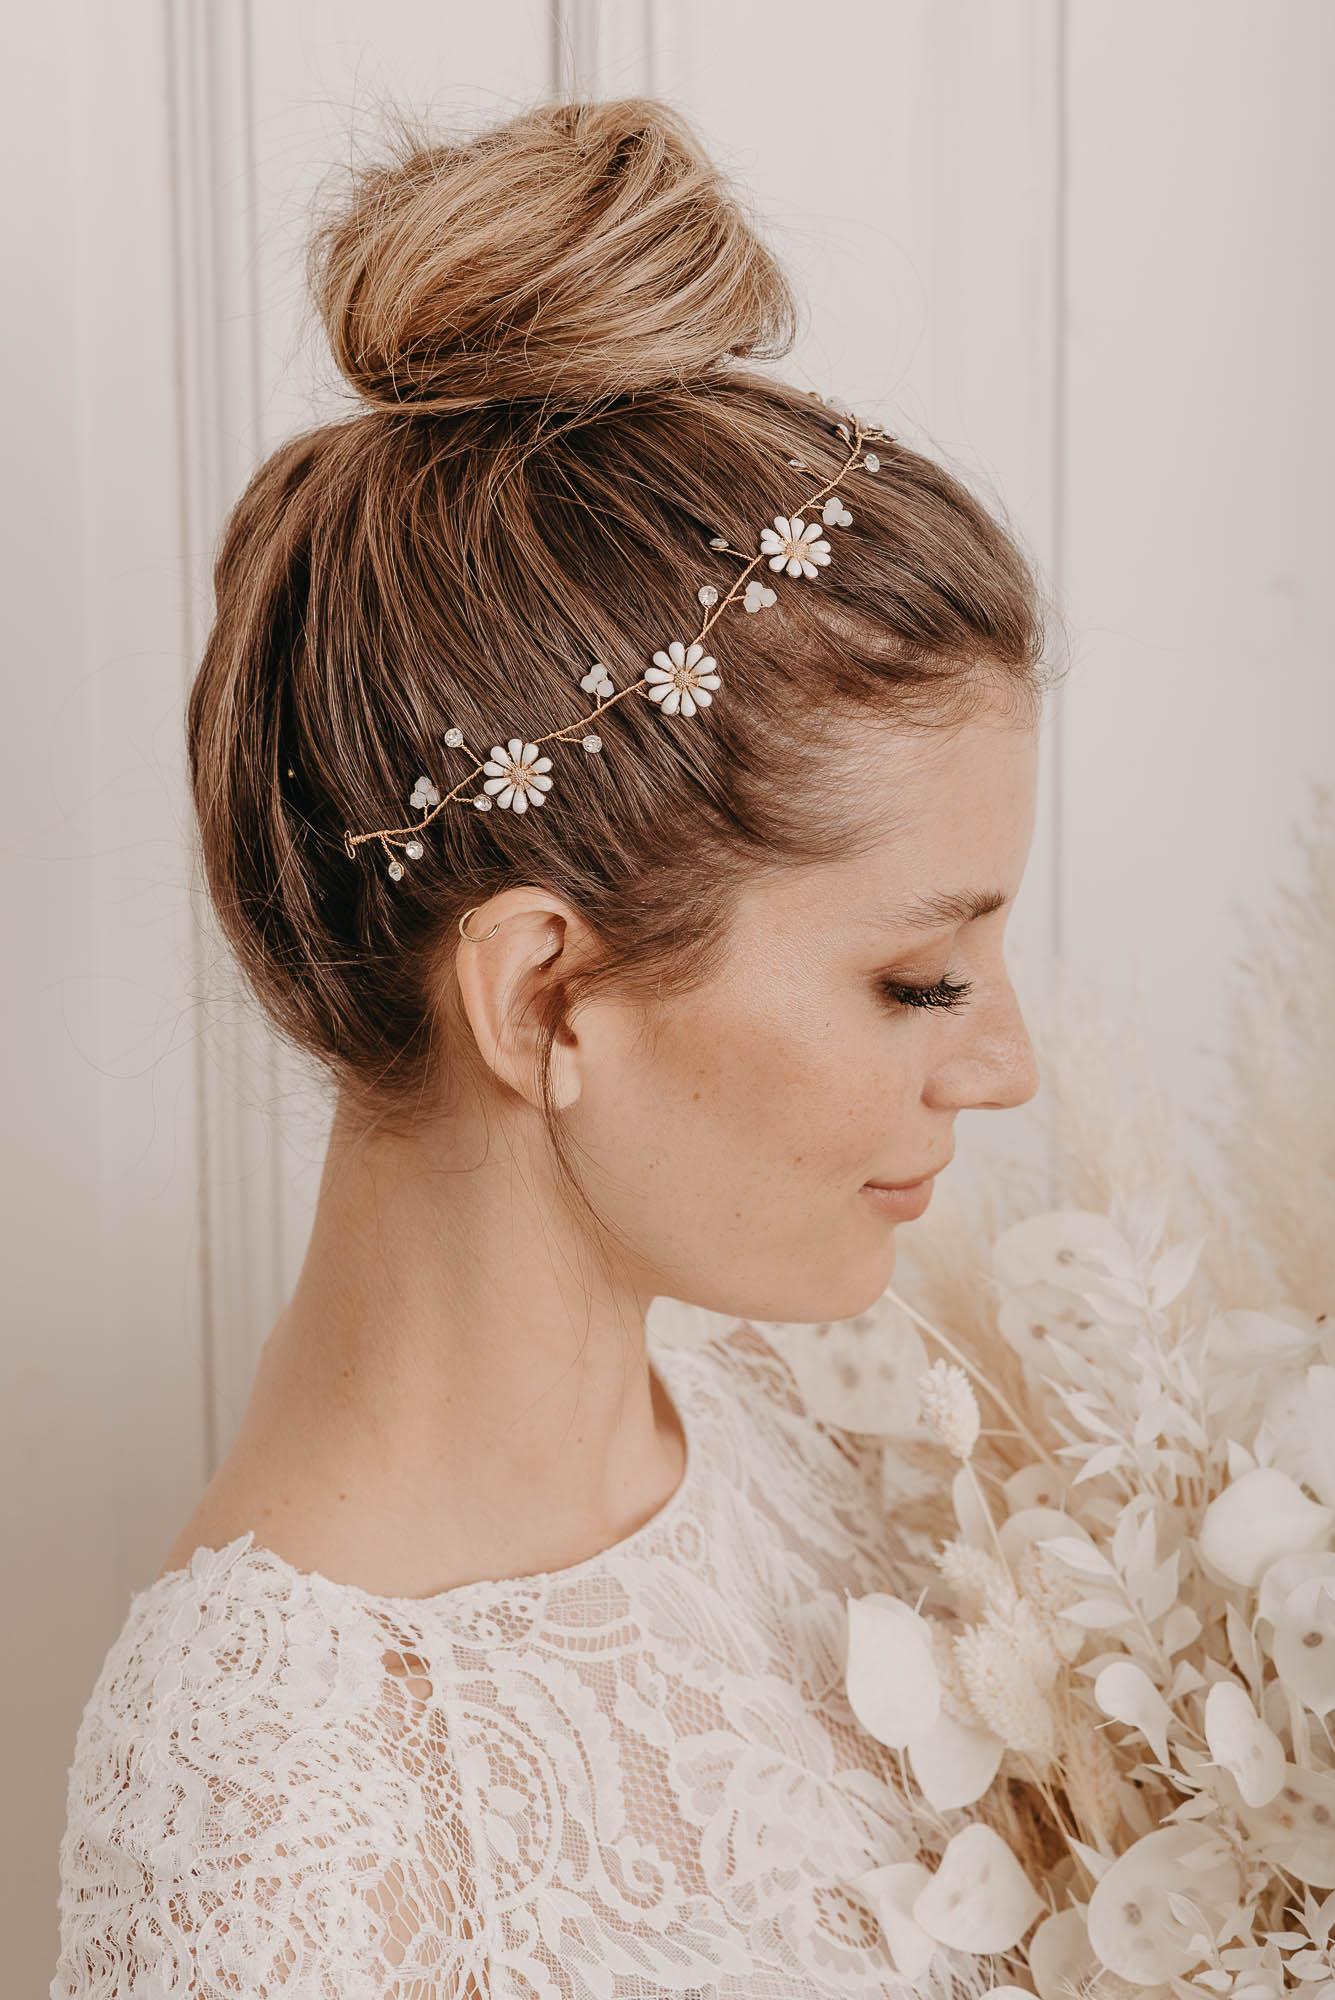 Daisy Haarband Seite - Boho Brautschmuck von Oonce